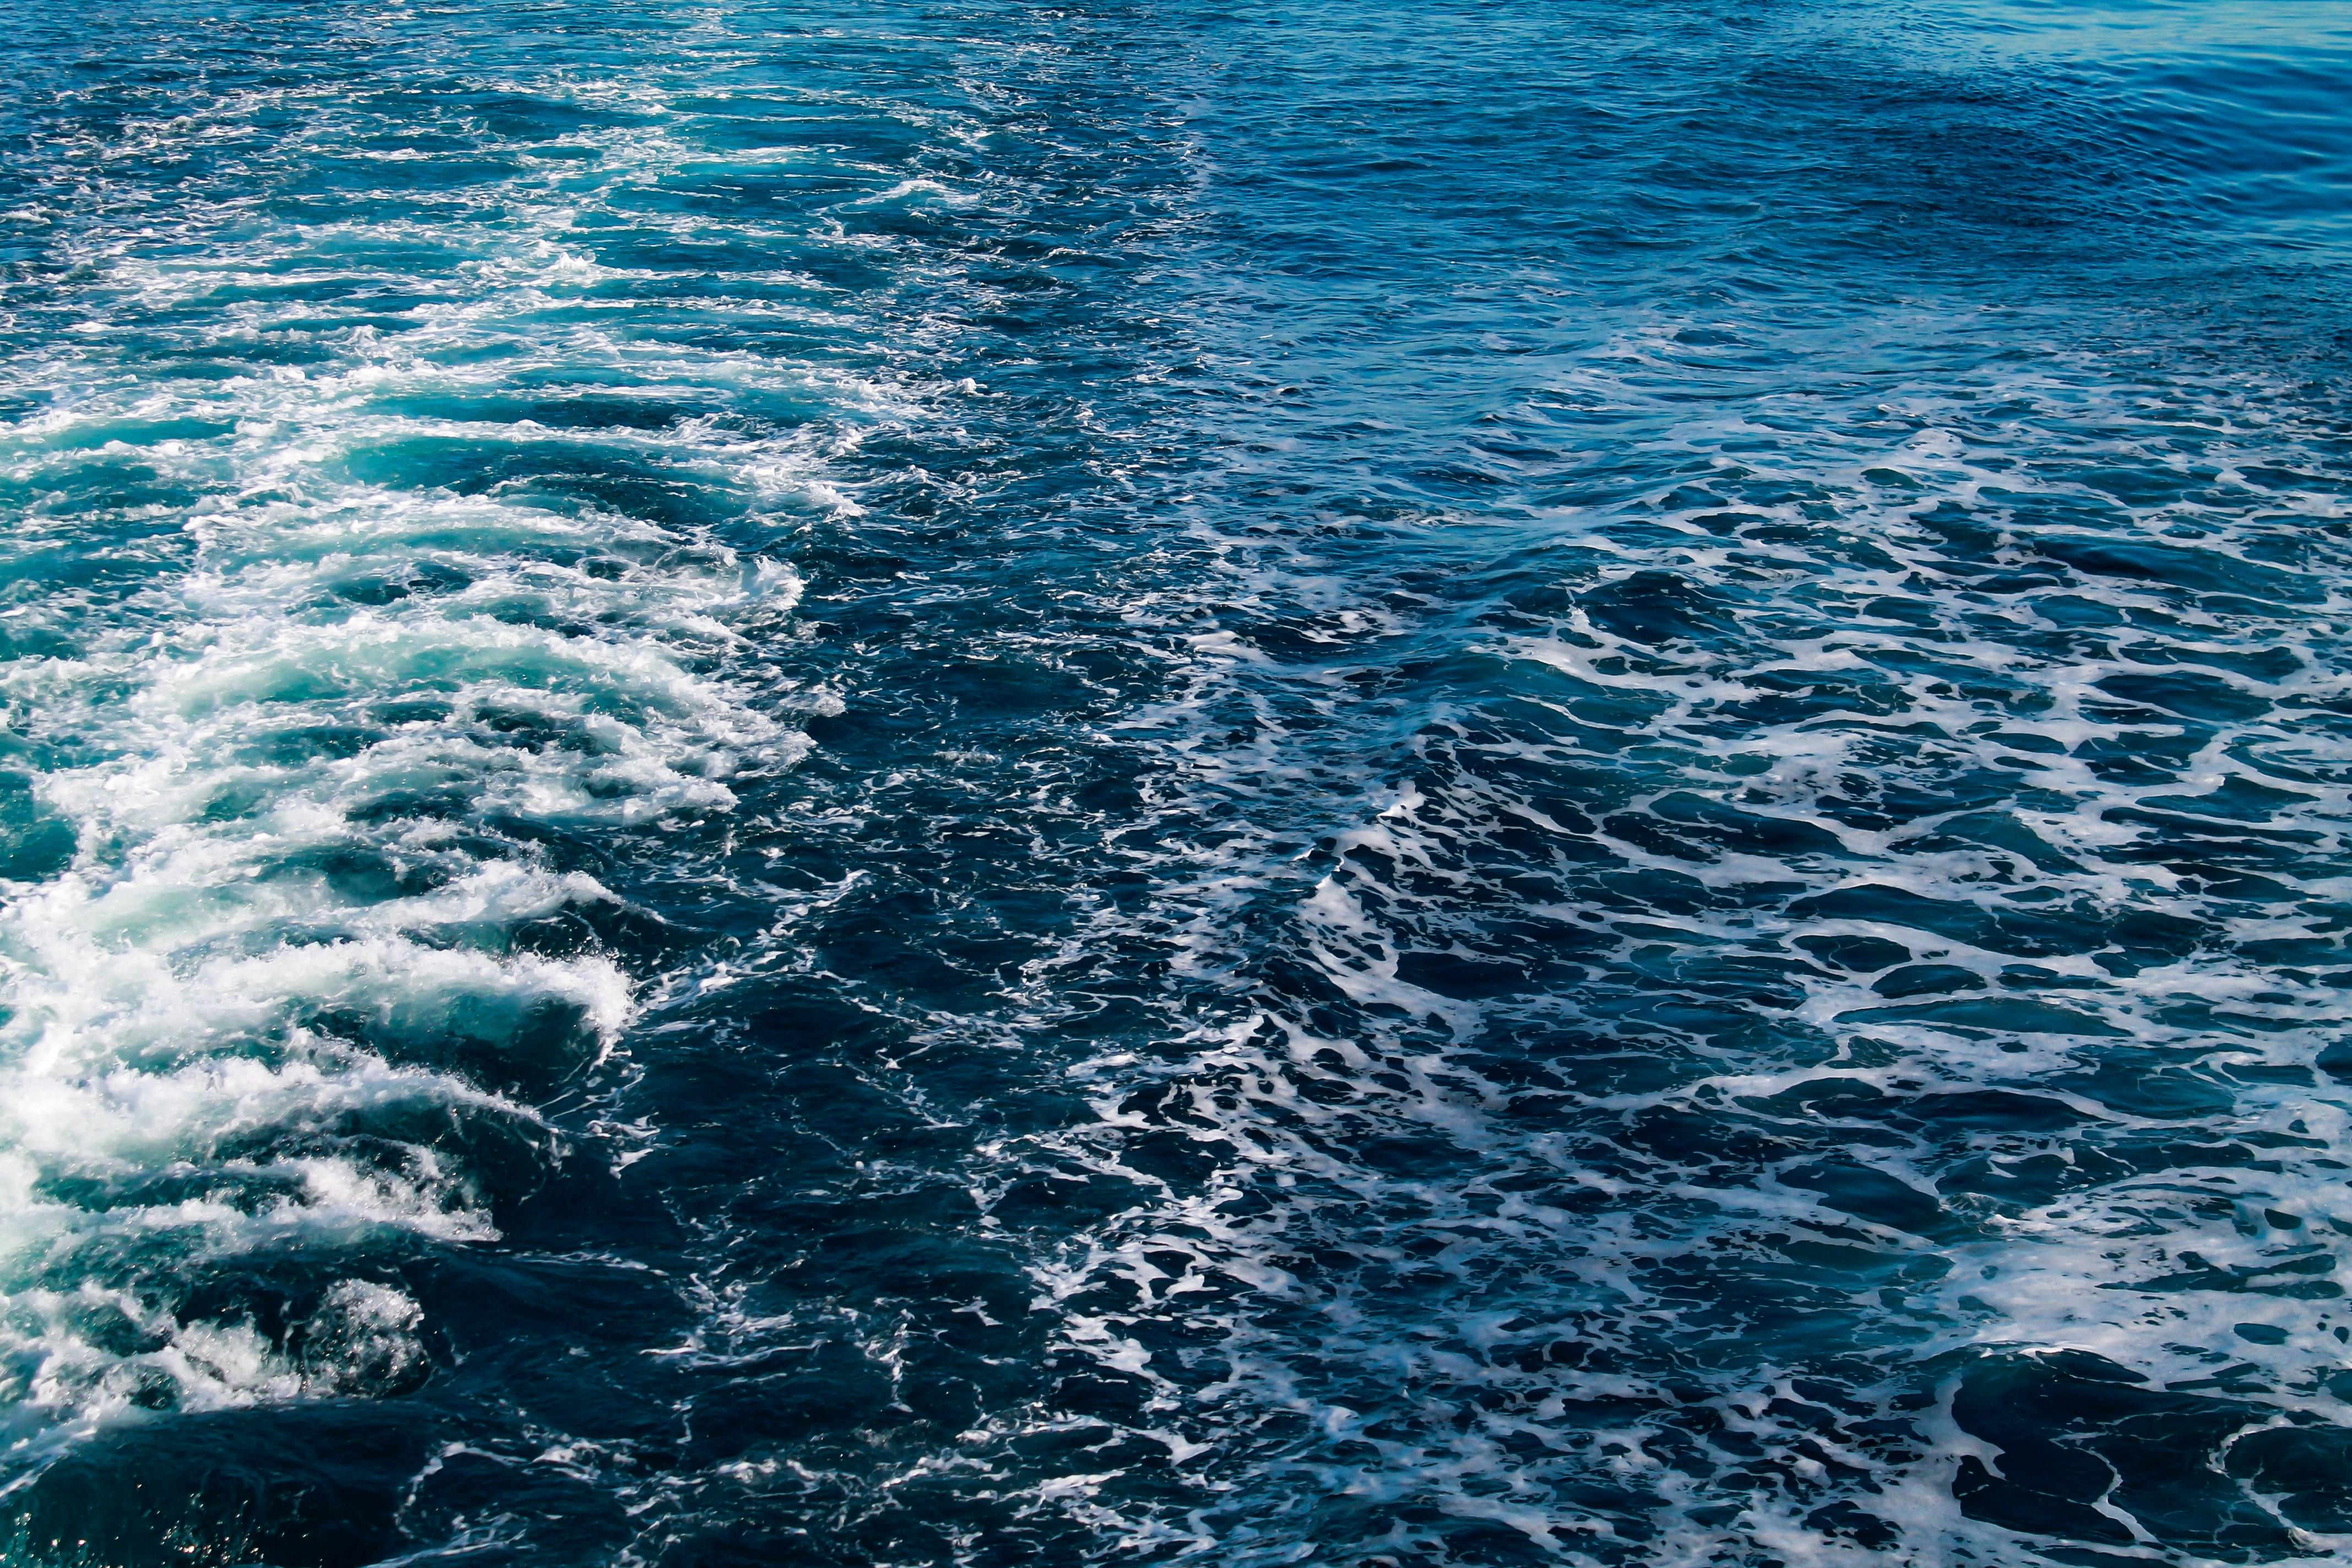 2010, Subacoustech, Ormonde Offshore Wind Farm, Subsea Acoustic Survey